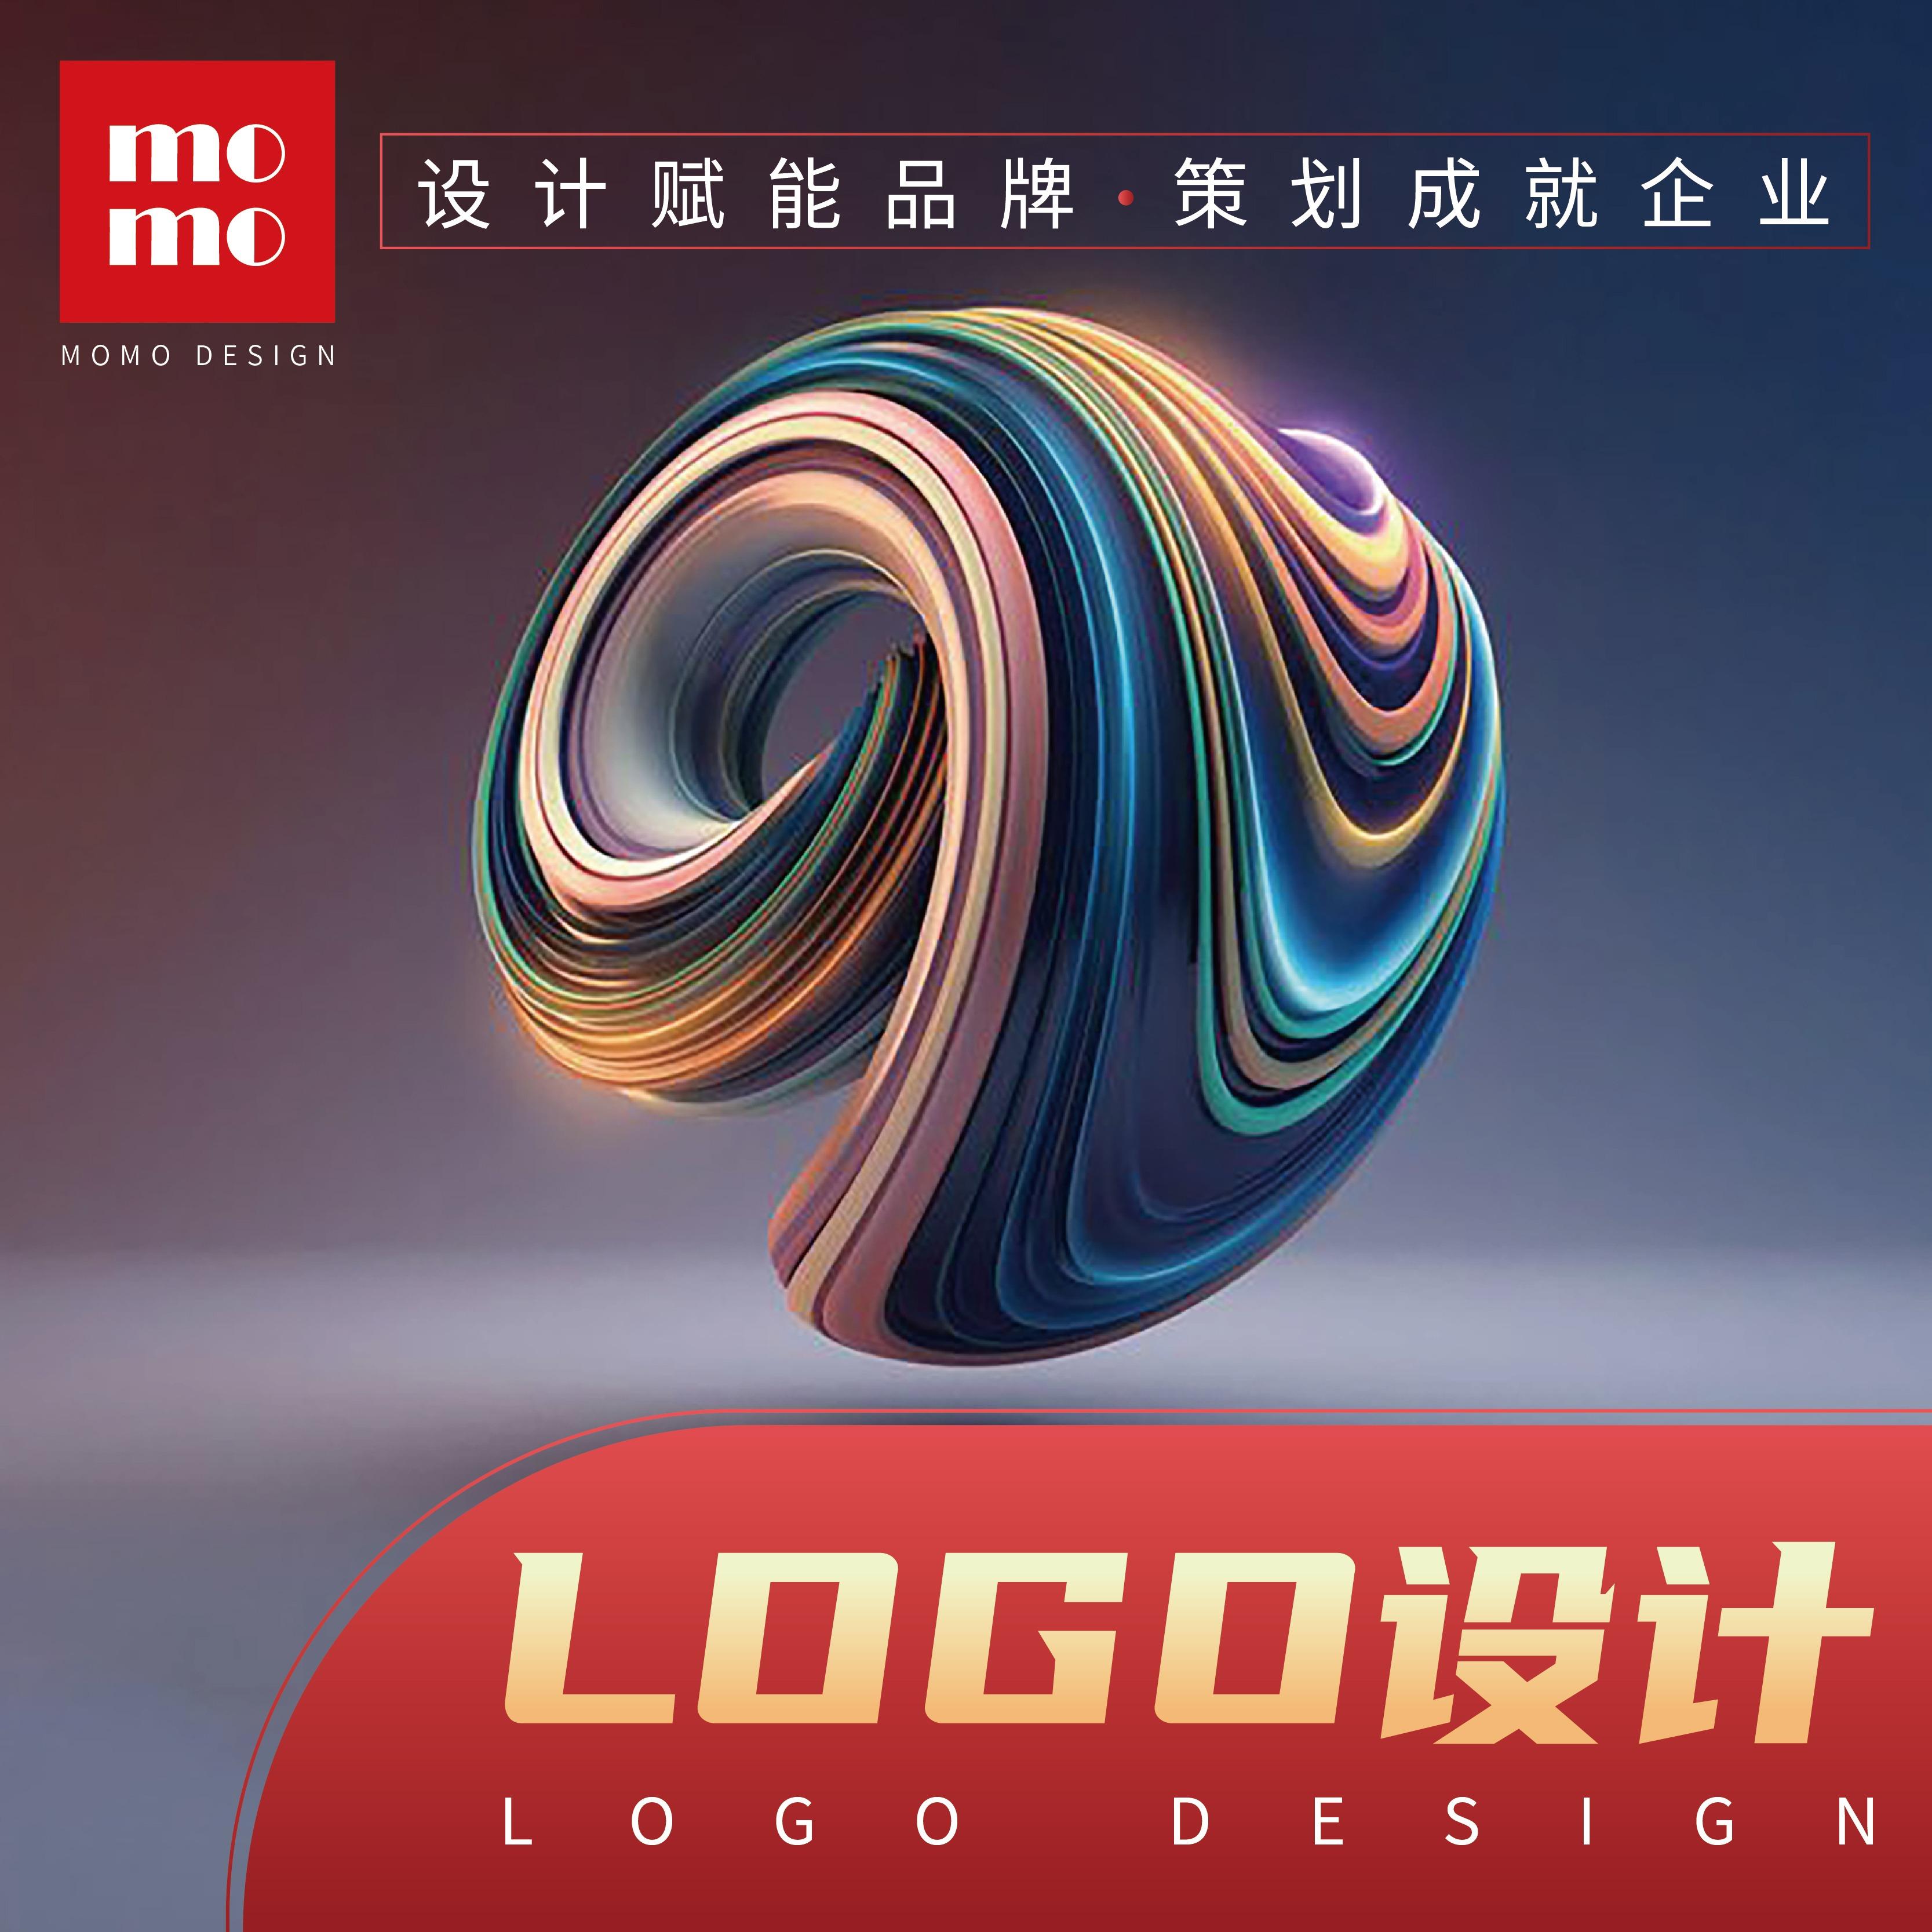 【LOGO定制设计】企业公司/公众号/标识/个人LOGO设计